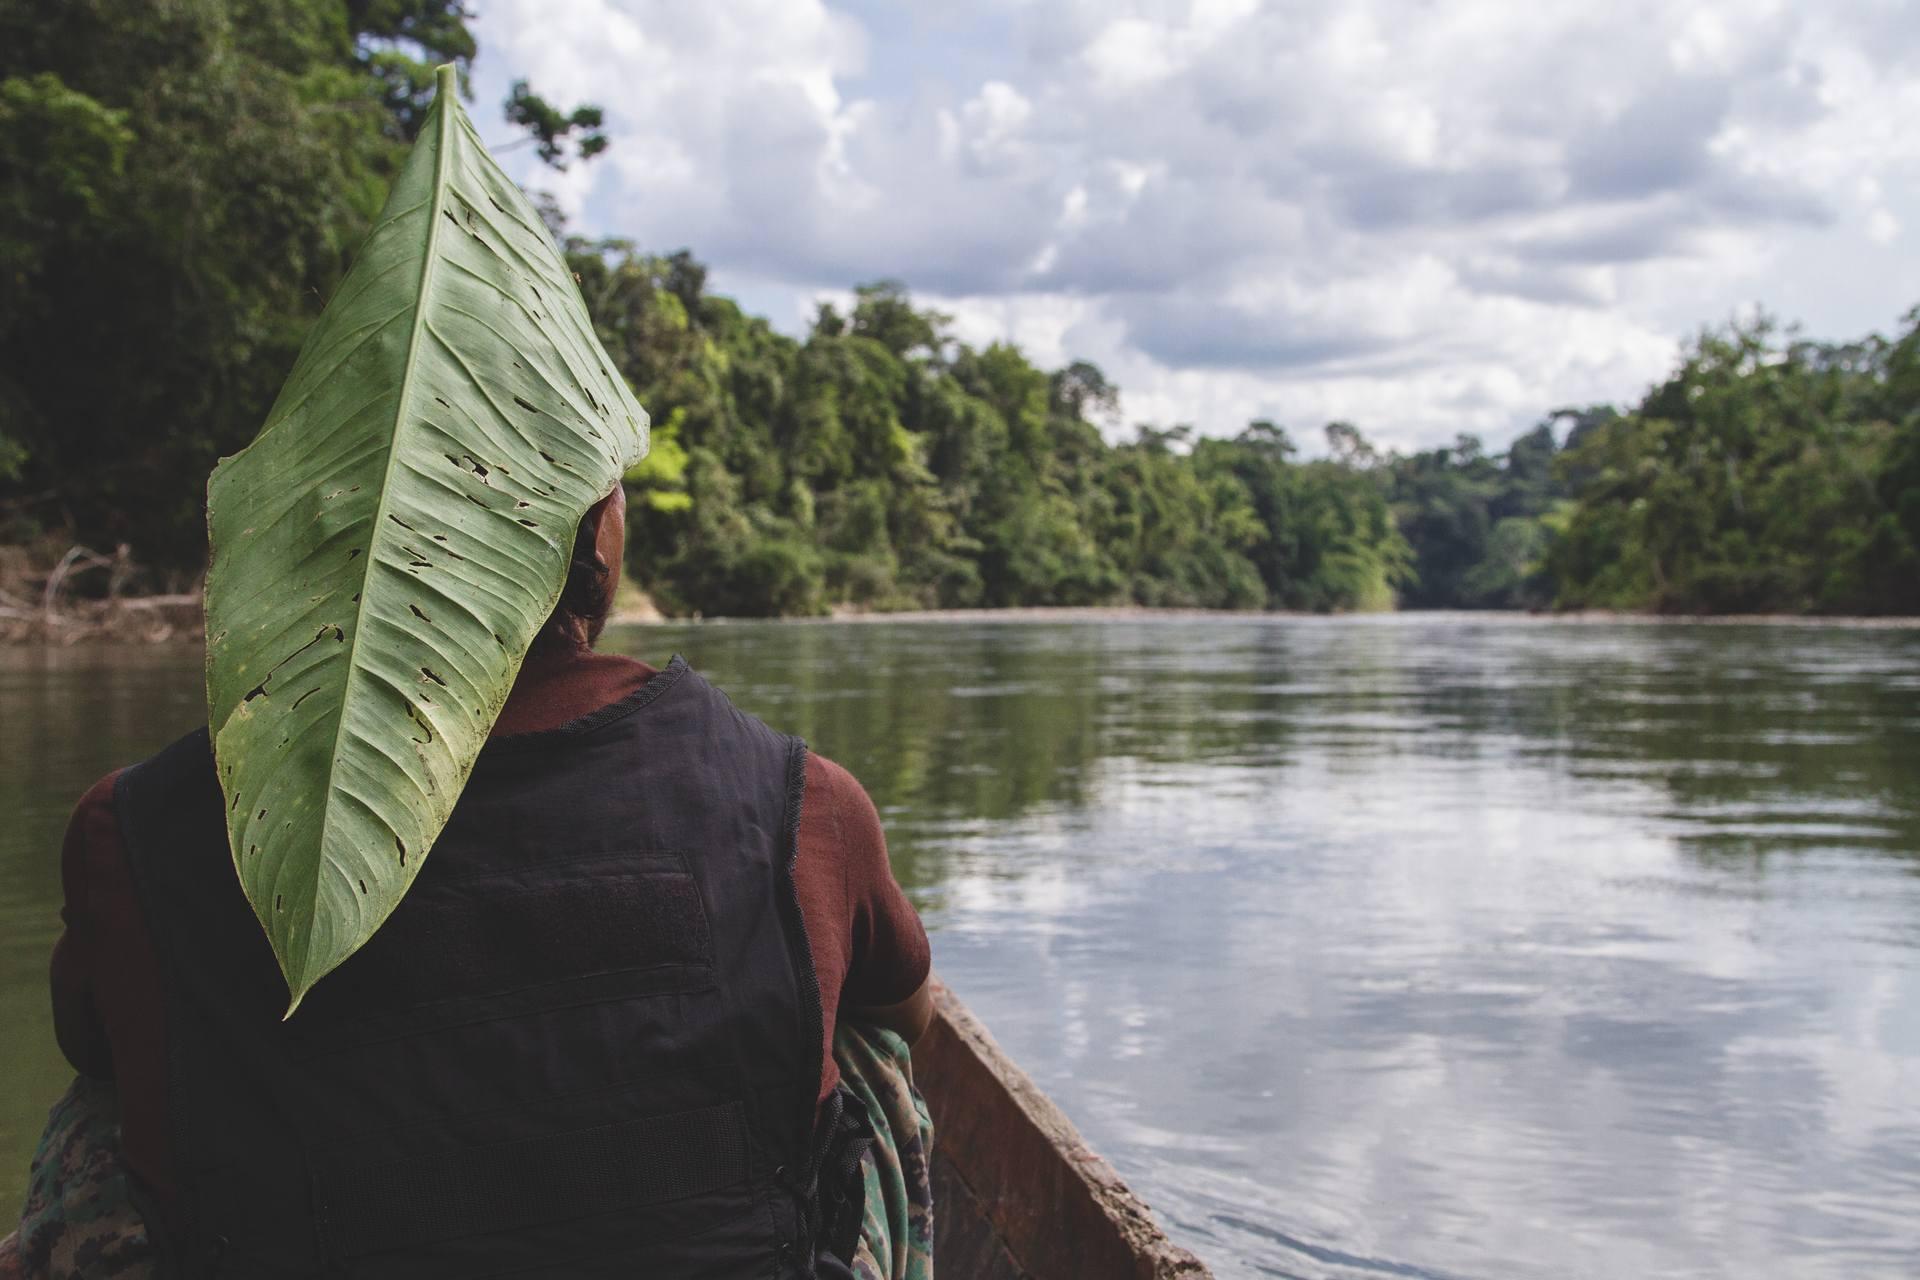 descente de l'amazonie - voyage aventure